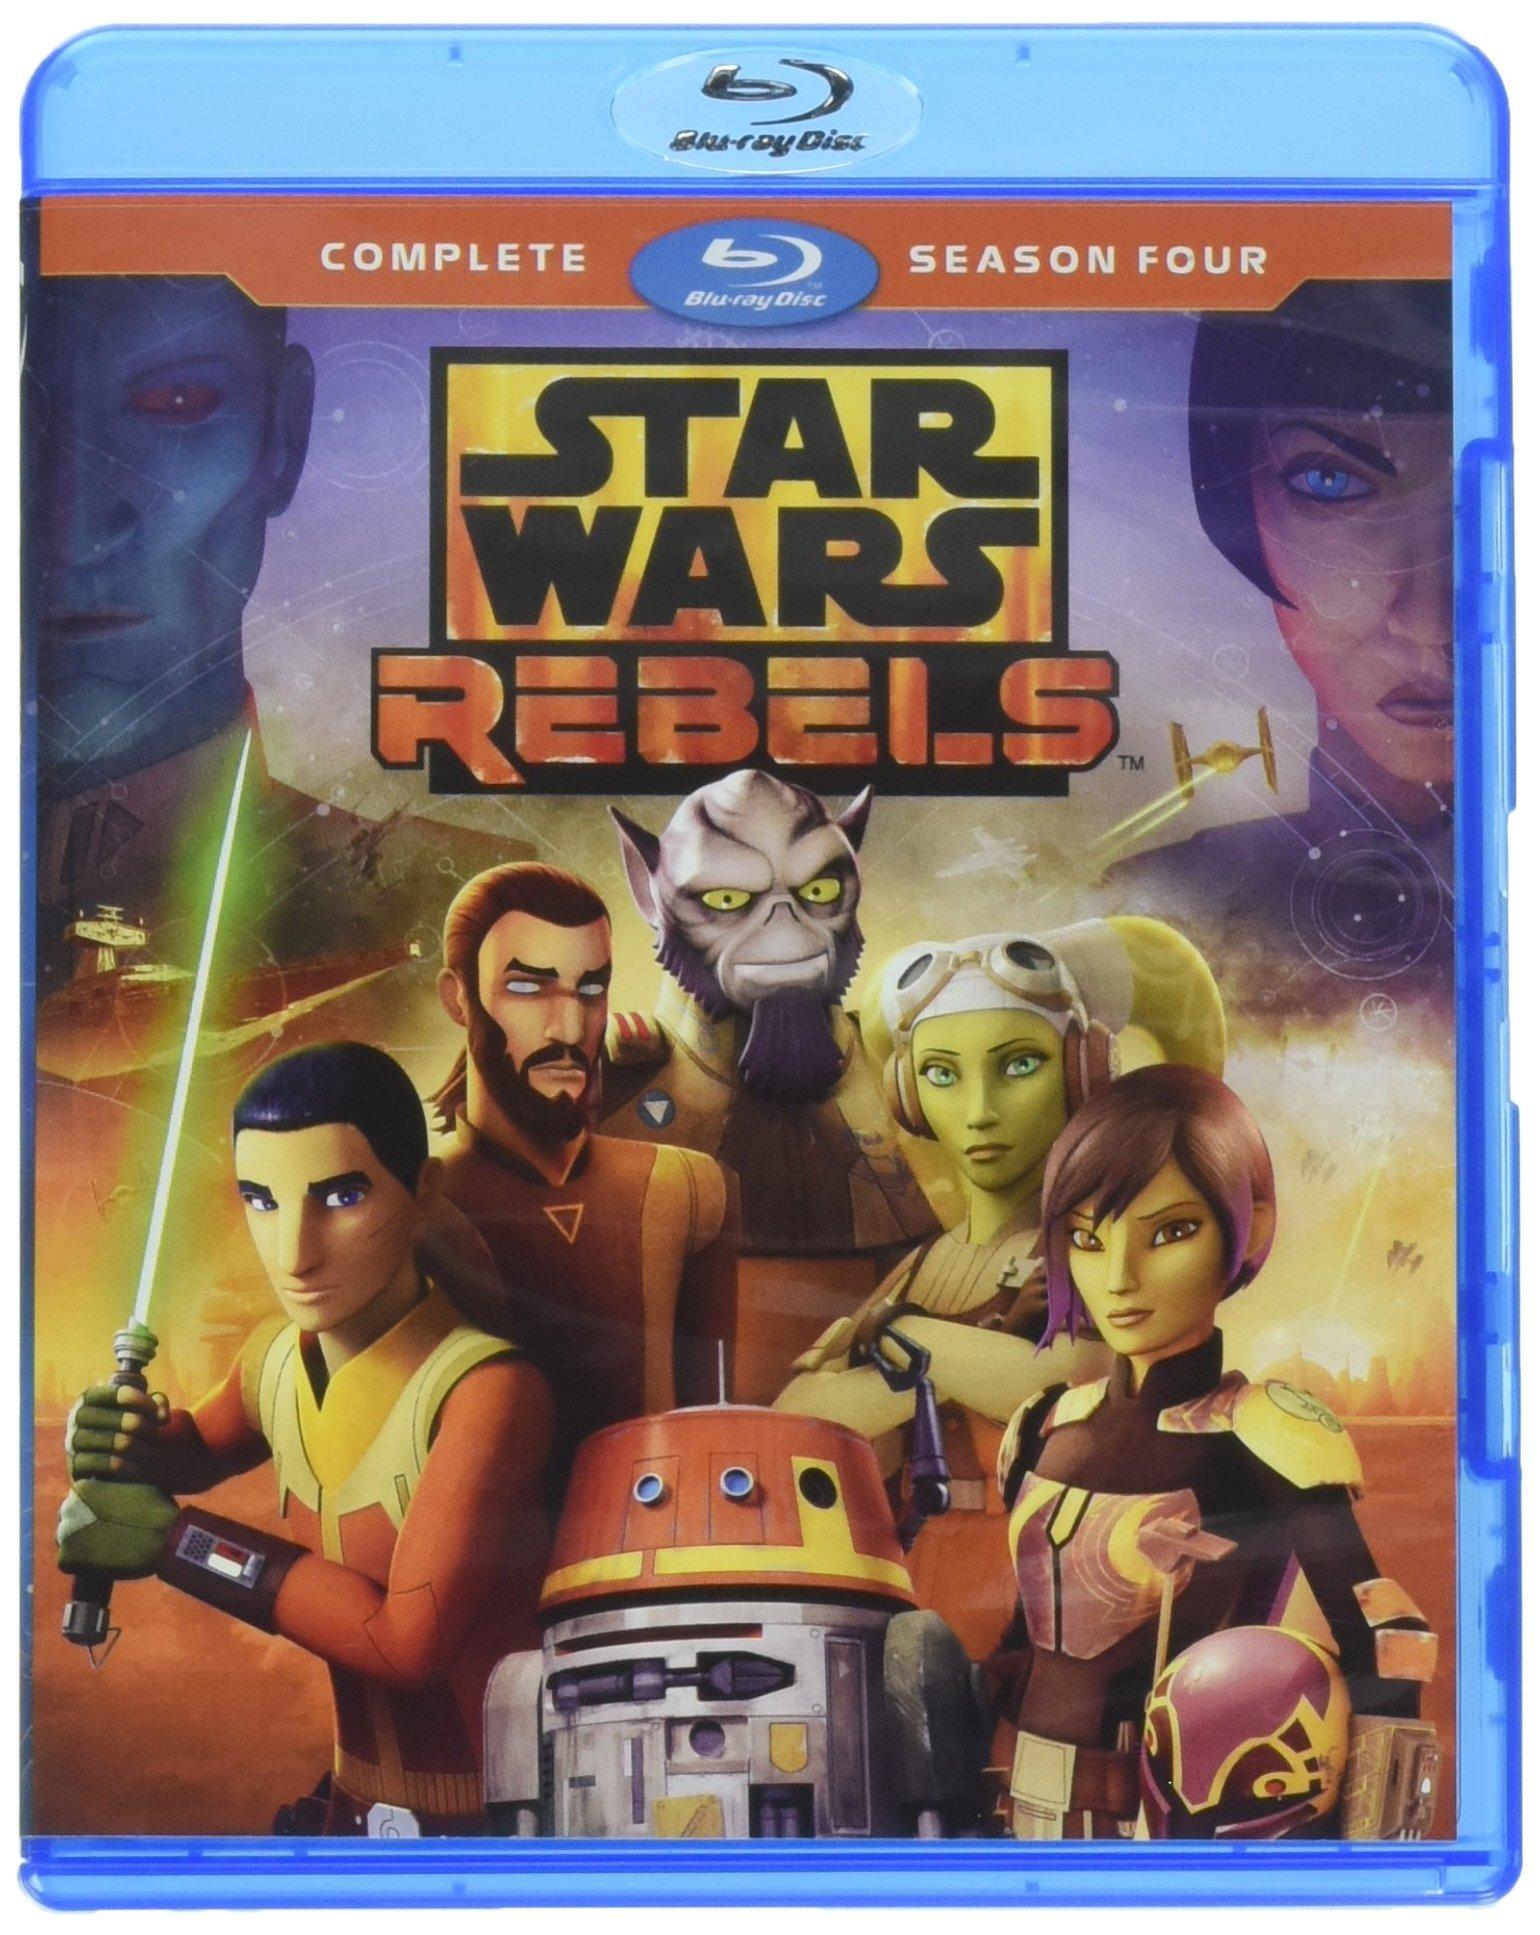 Blu-ray : Star Wars: Rebels Complete Season 4 (2 Pack, 2PC)